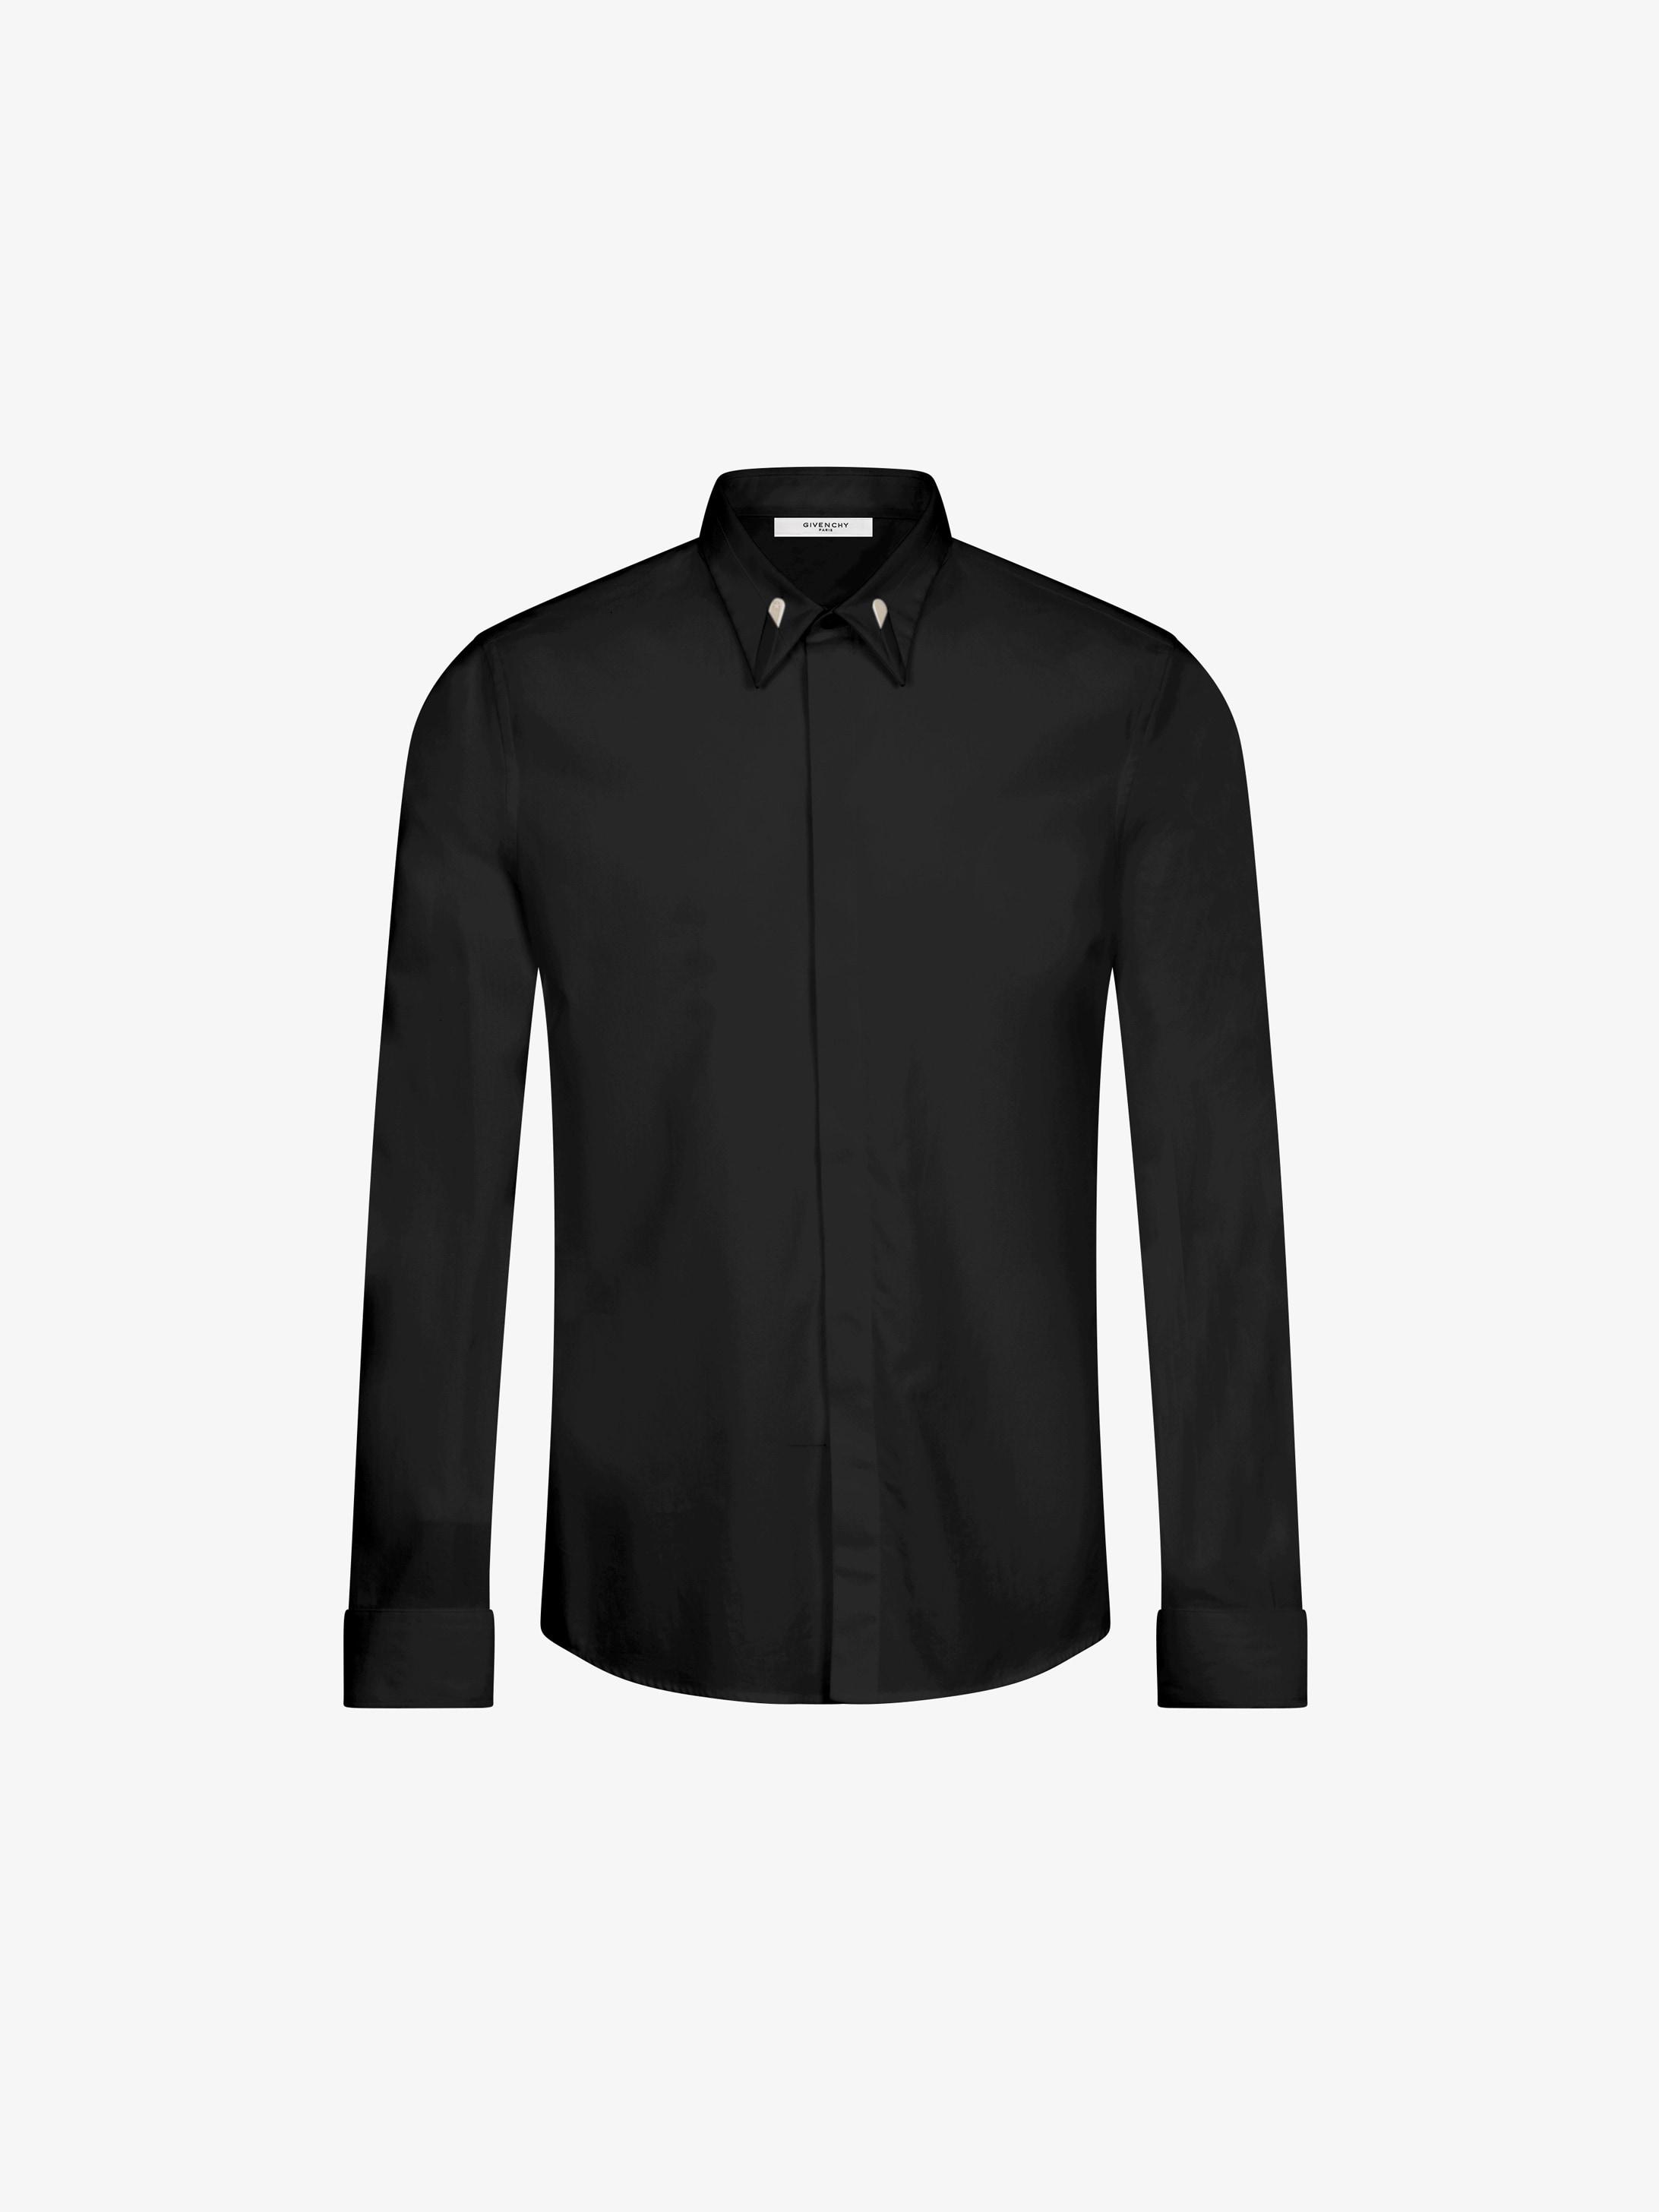 金属硬衬衣领修身衬衫